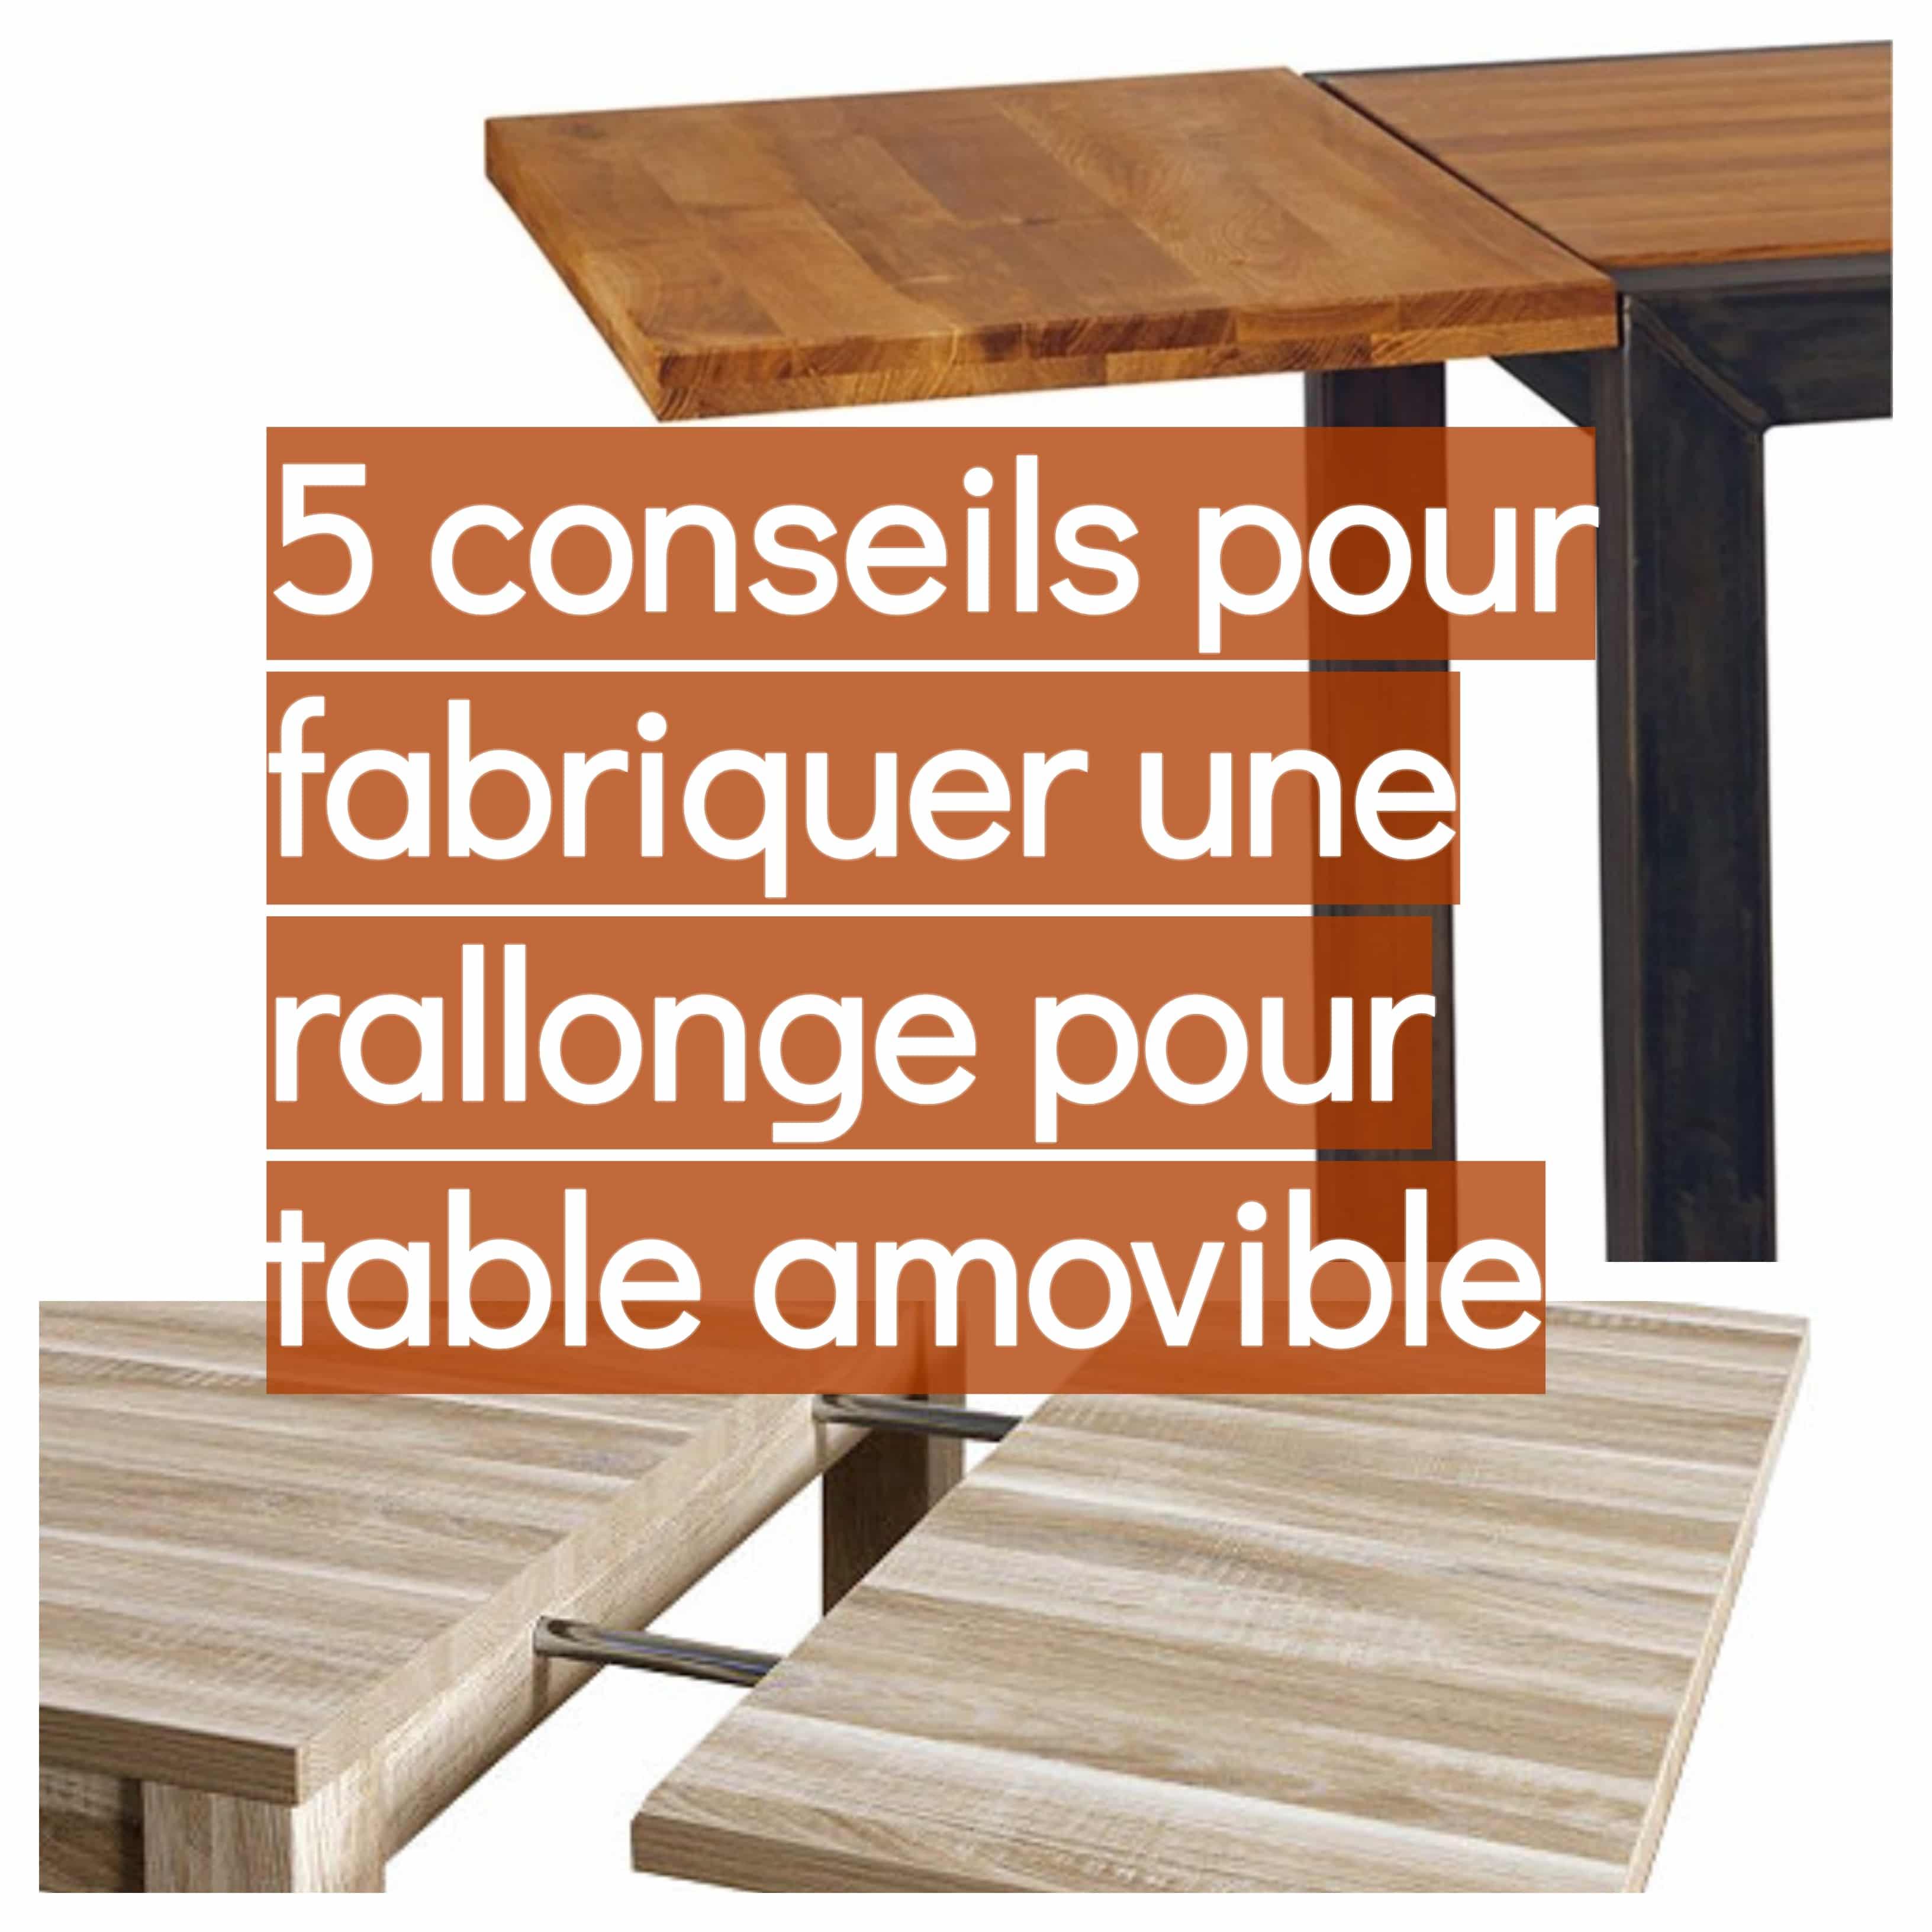 Fabriquer Une Table Escamotable 5 conseils pour fabriquer une rallonge pour table amovible